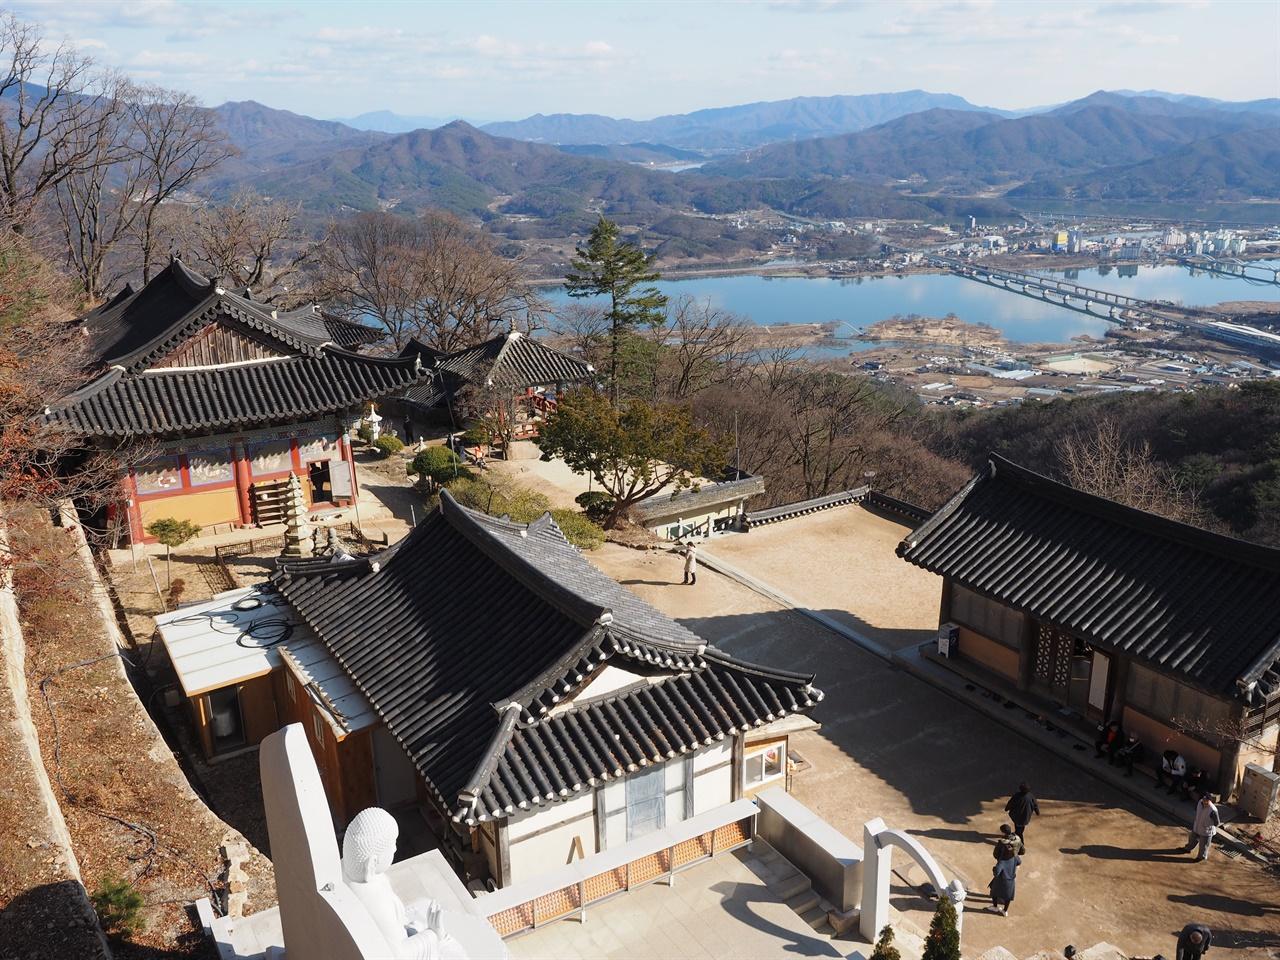 산신각에서 본 수종사 경내 오른쪽에 보이는 건물이 무료찻집 '삼정헌'이다.